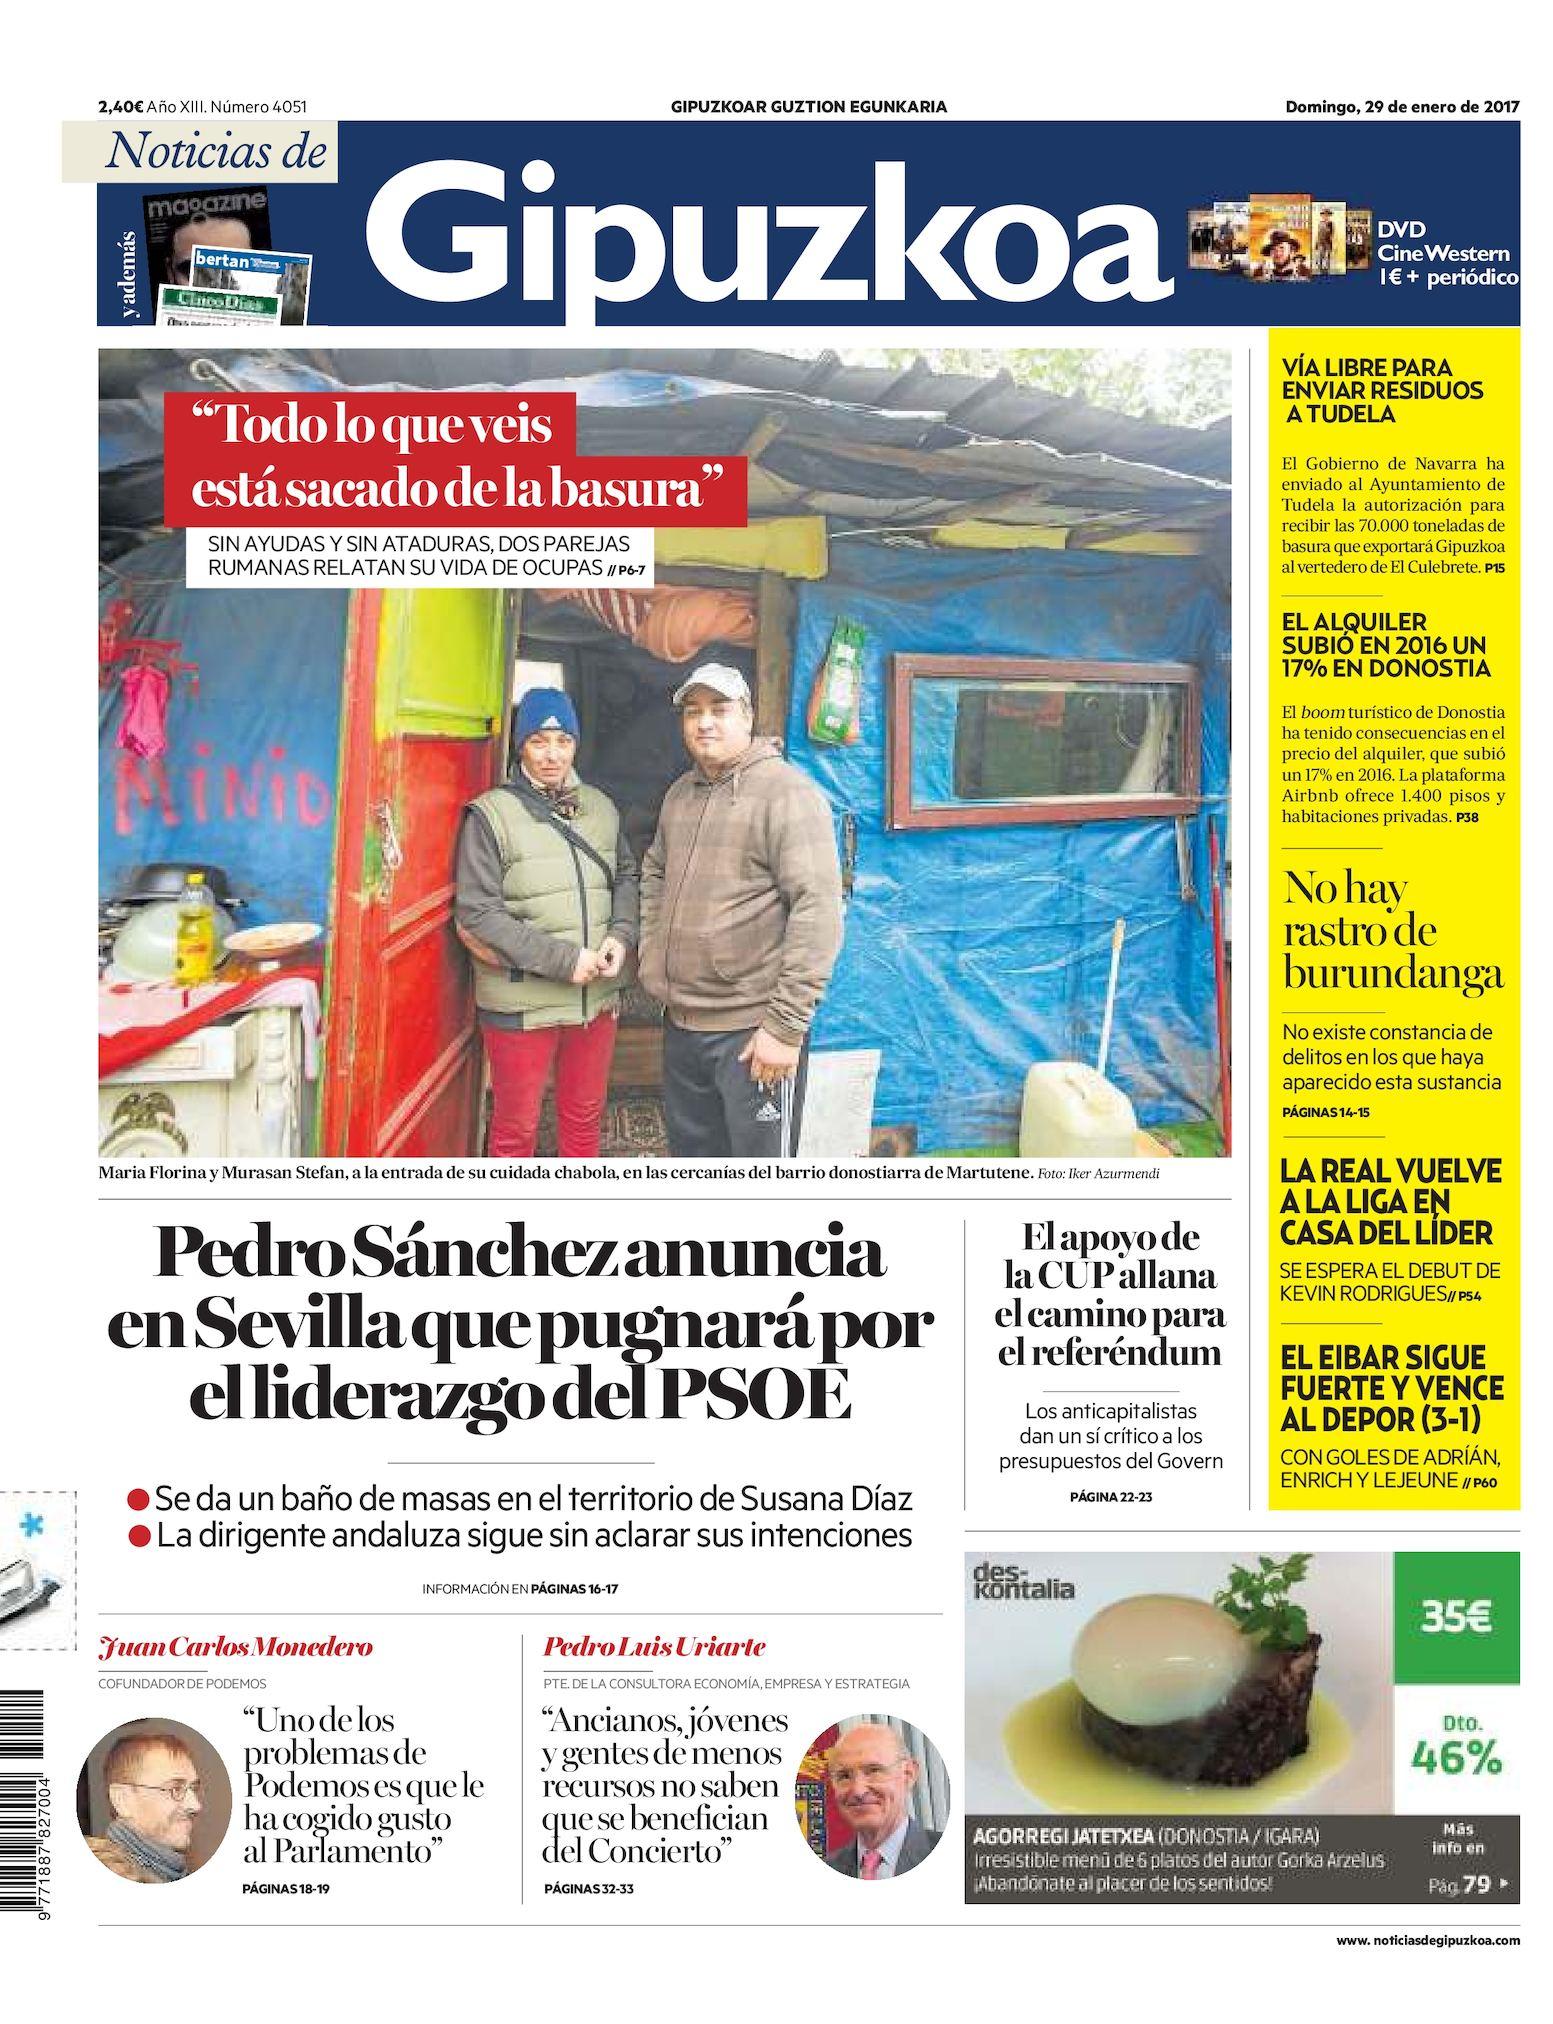 Calaméo - Noticias de Gipuzkoa 20170129 103feed5029